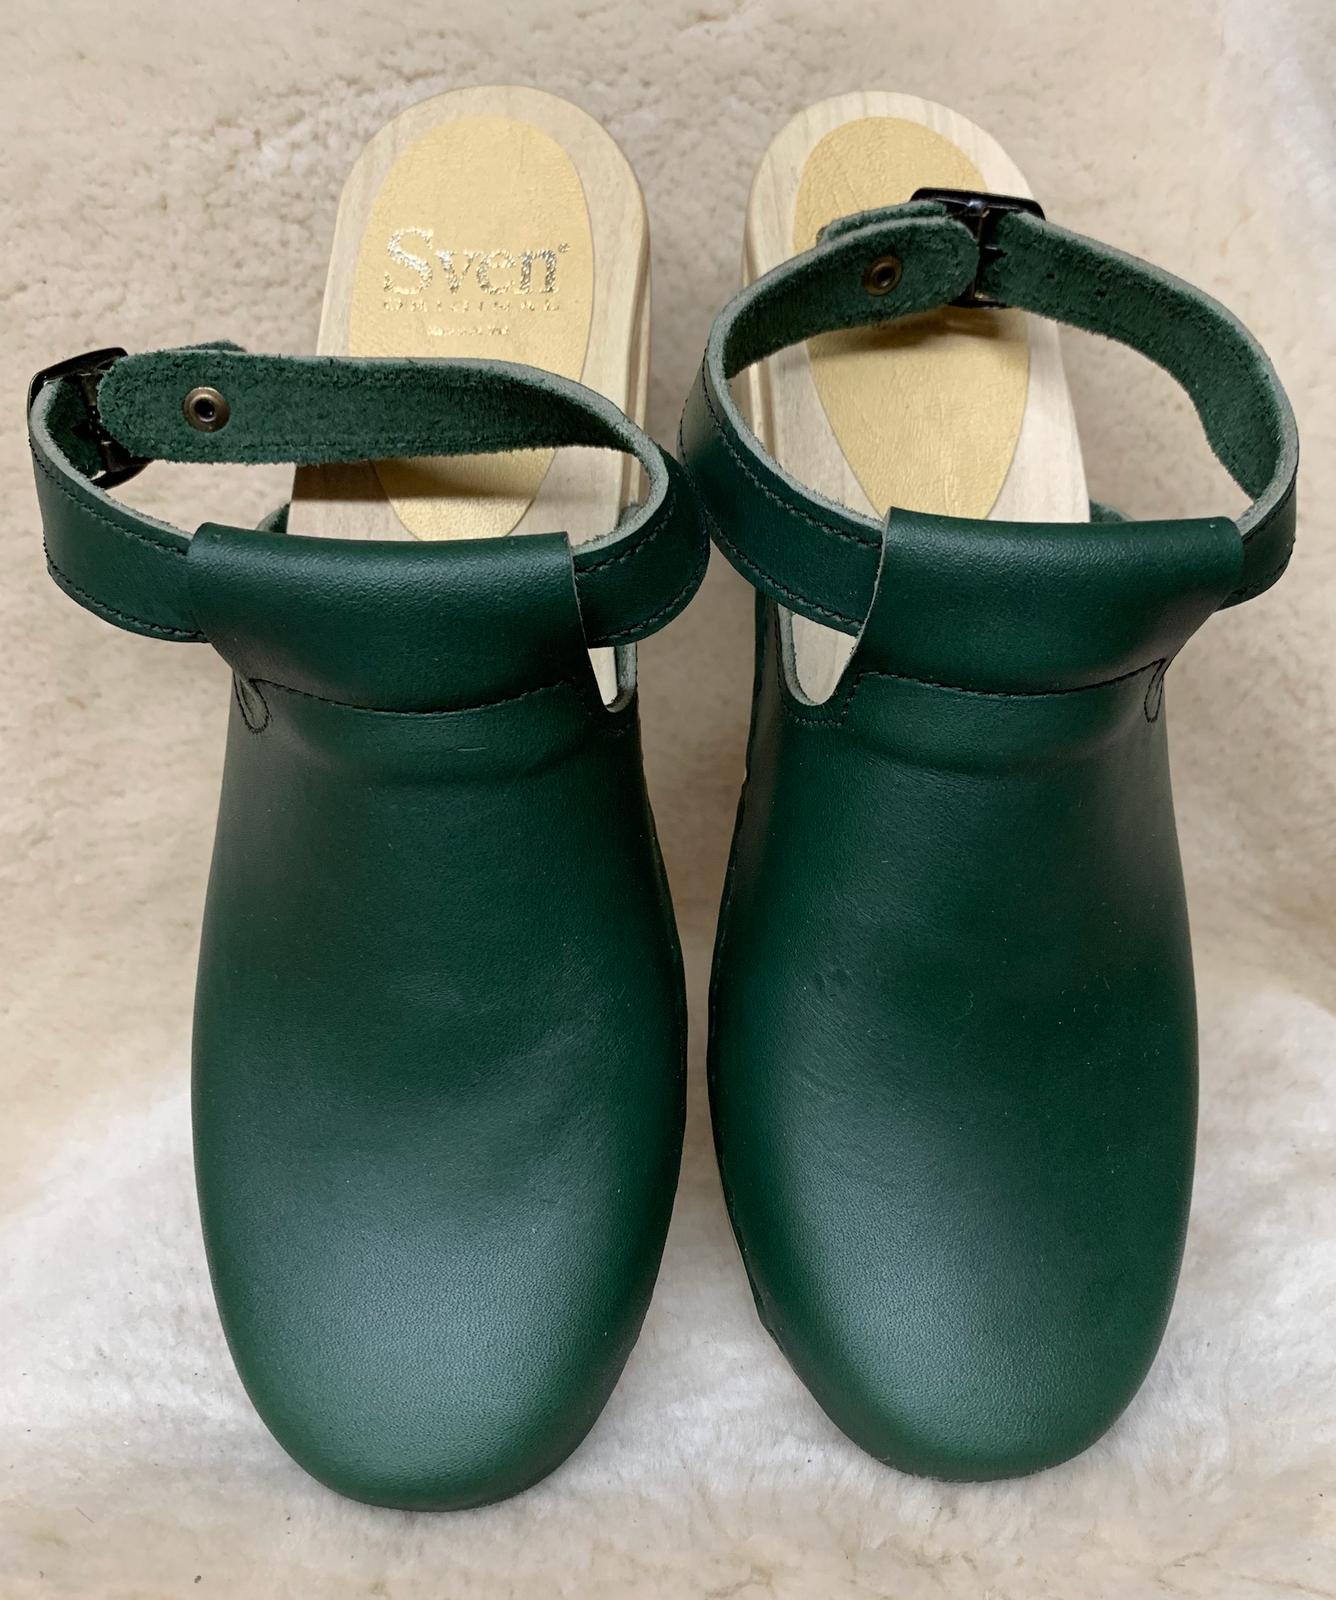 Hunter Green - Halter Top  Clogs - Mid Heel